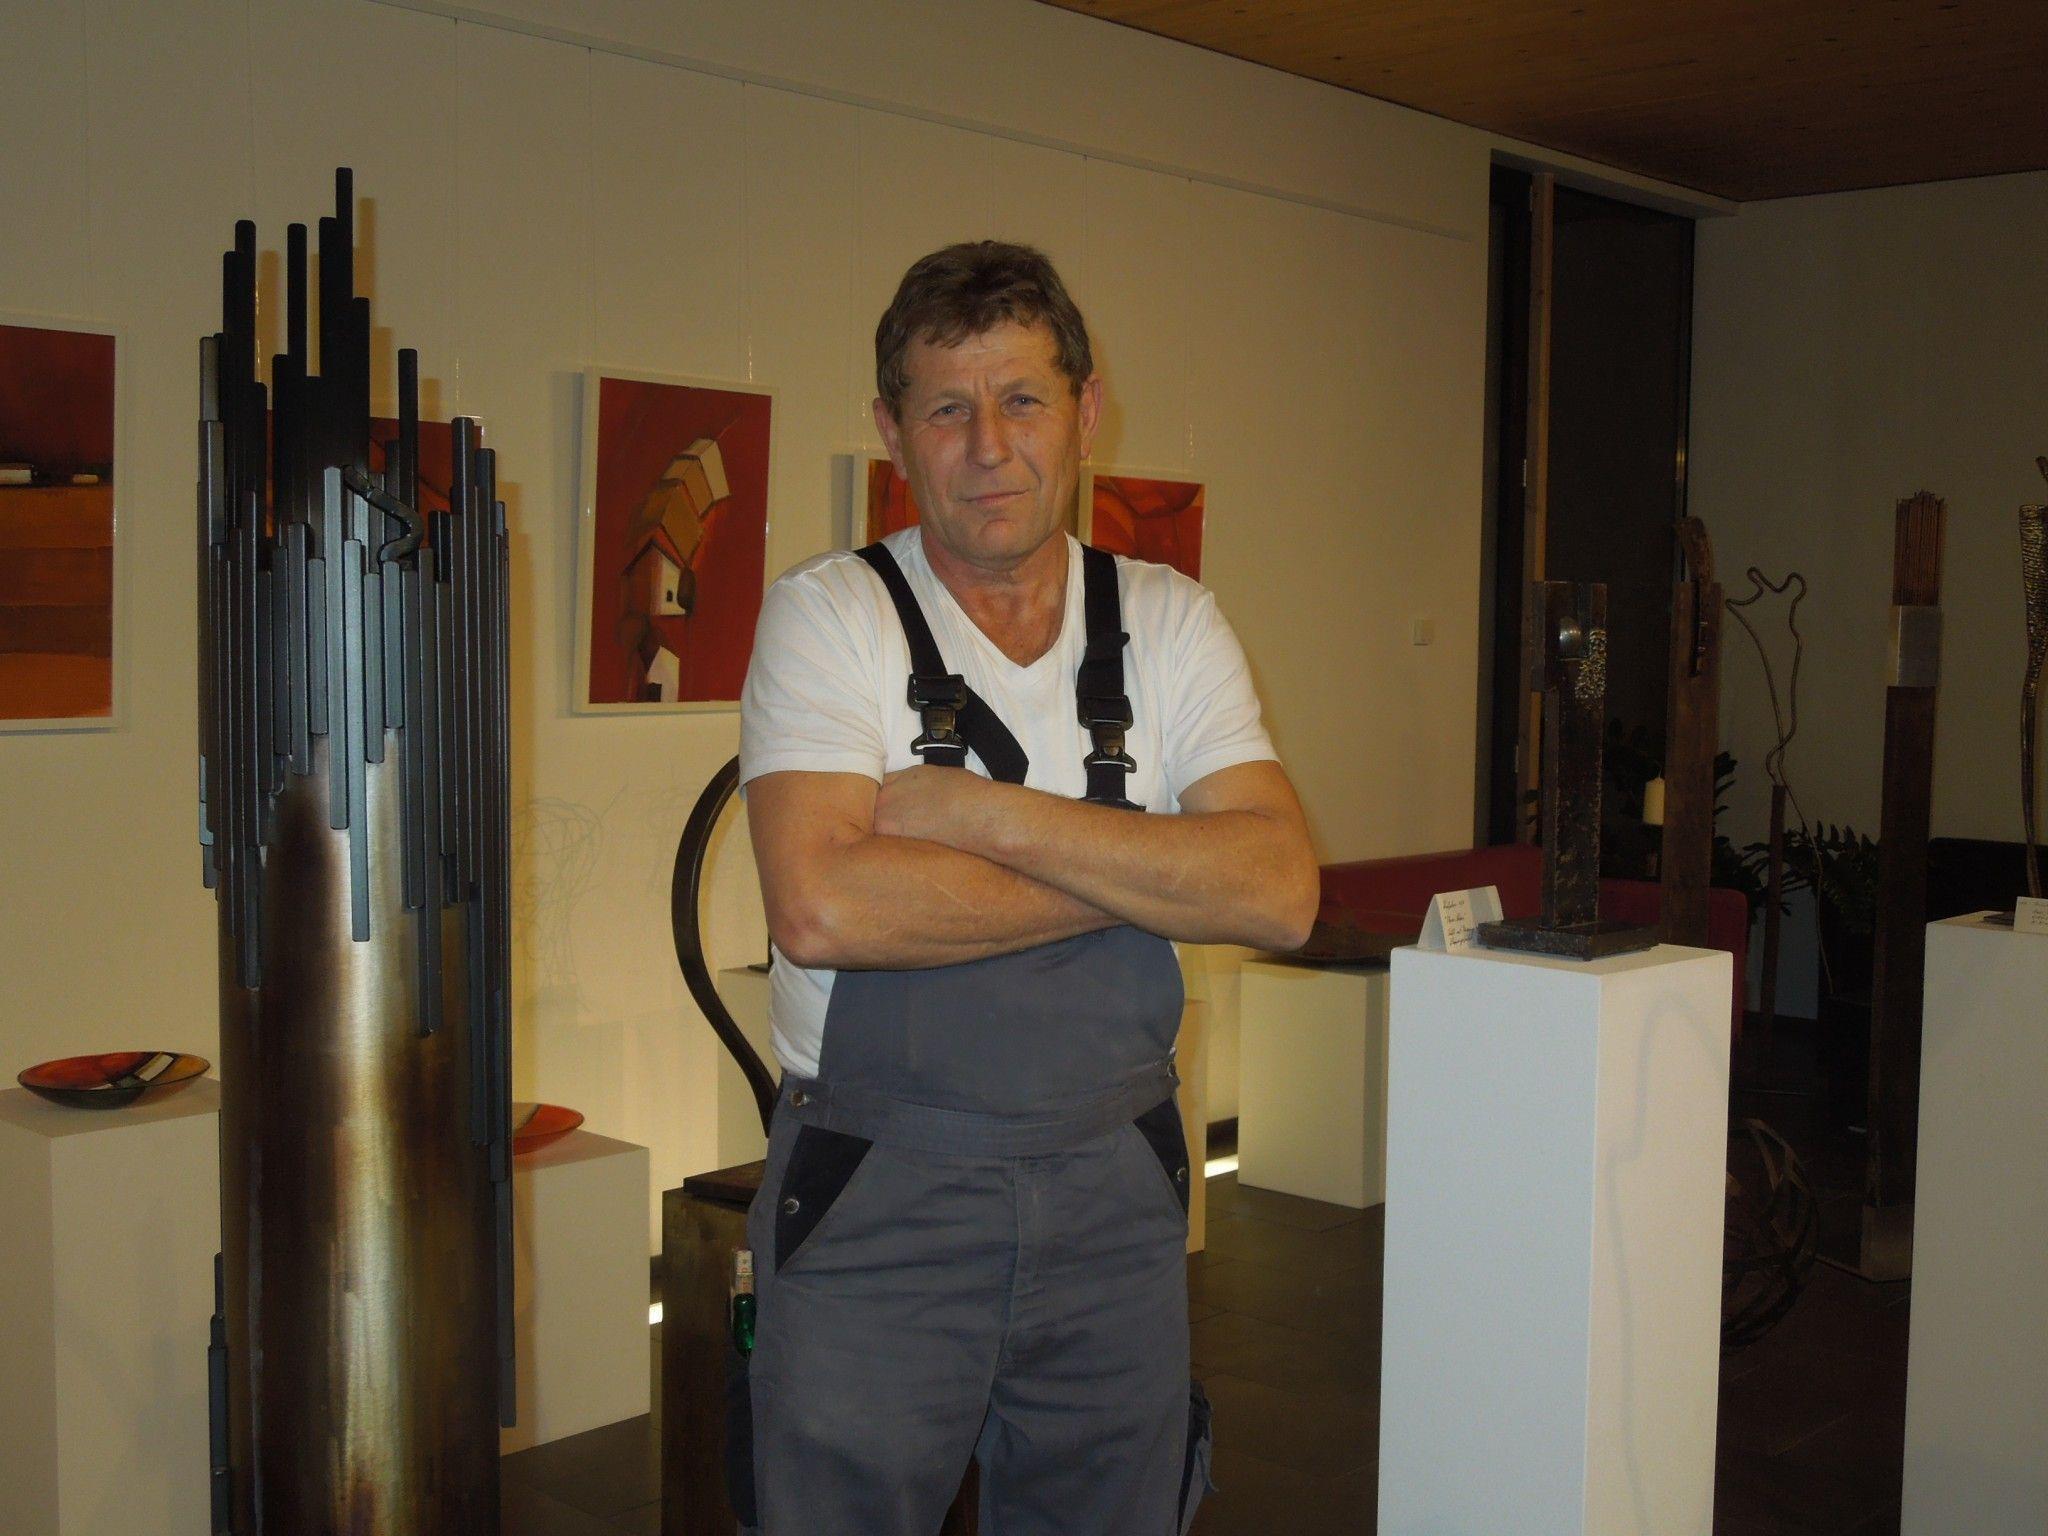 Richard Blaas ist nicht nur als Installateur fleißig im Einsatz, sondern viele Stunden auch in seiner Kreativwerkstatt.